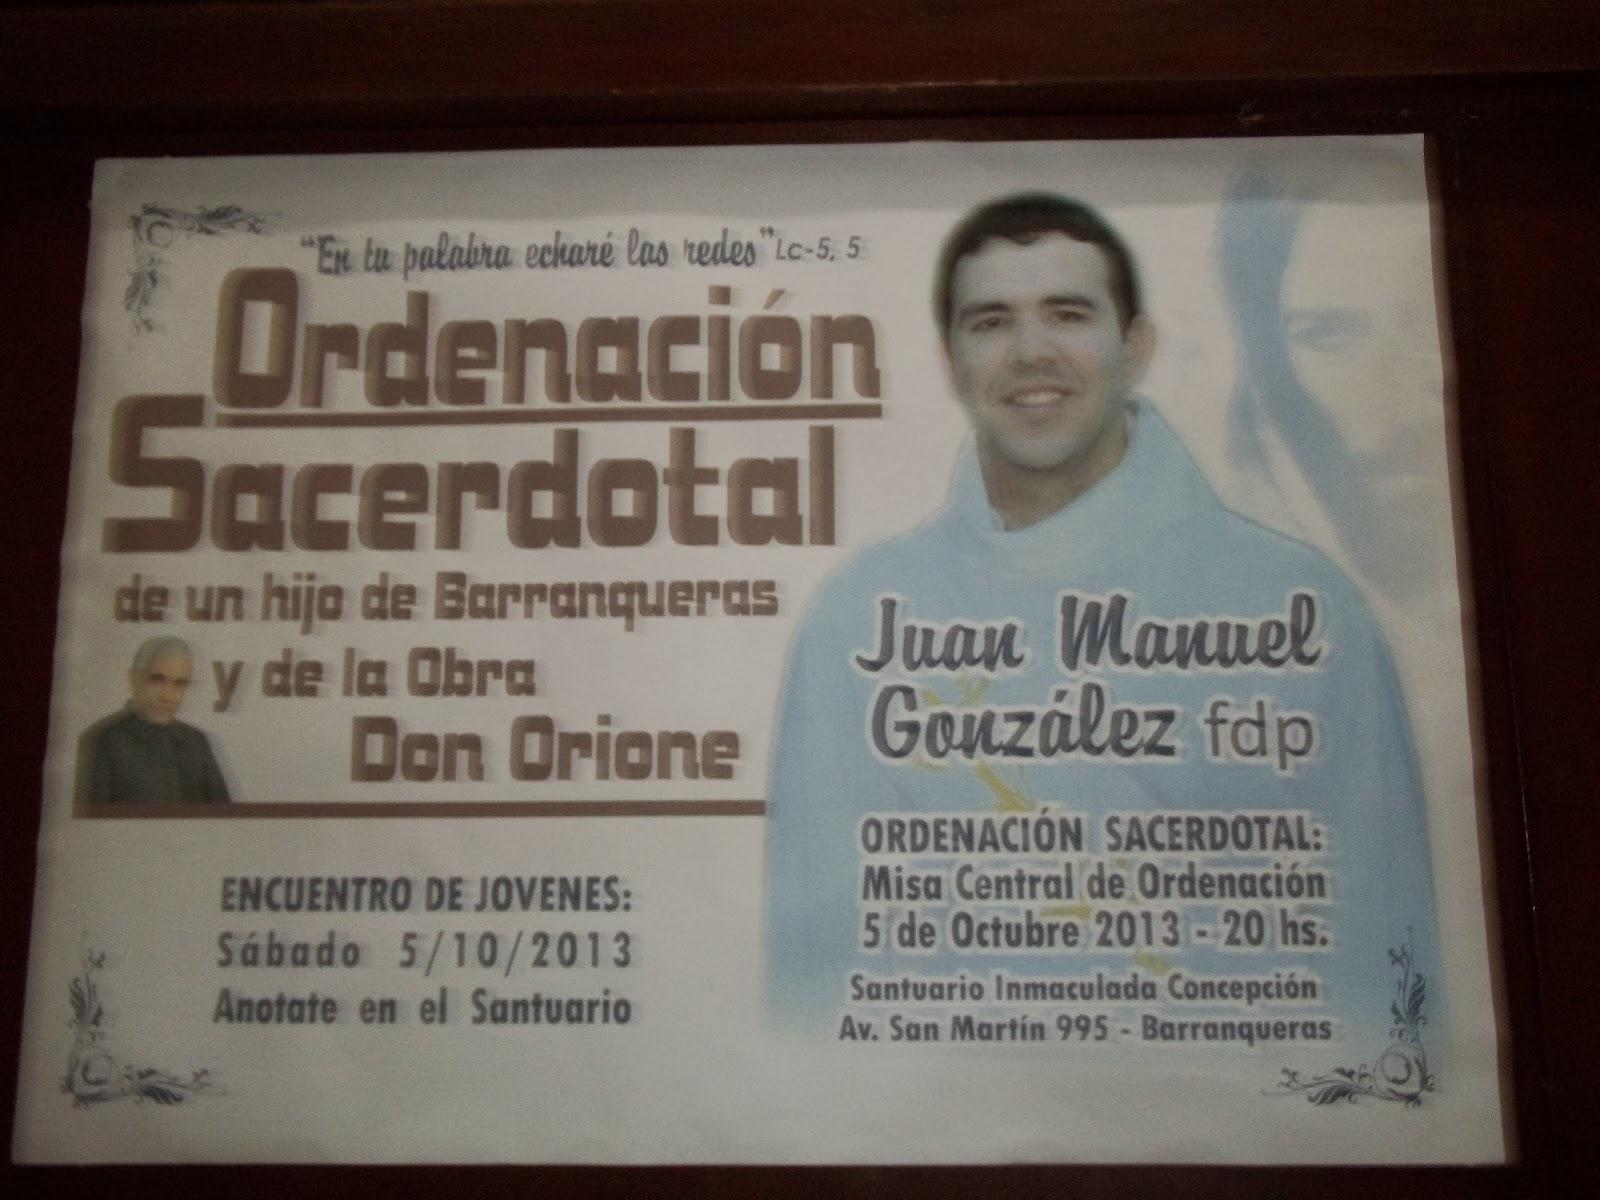 Scorts sumisa vocacional en Barranqueras-1256